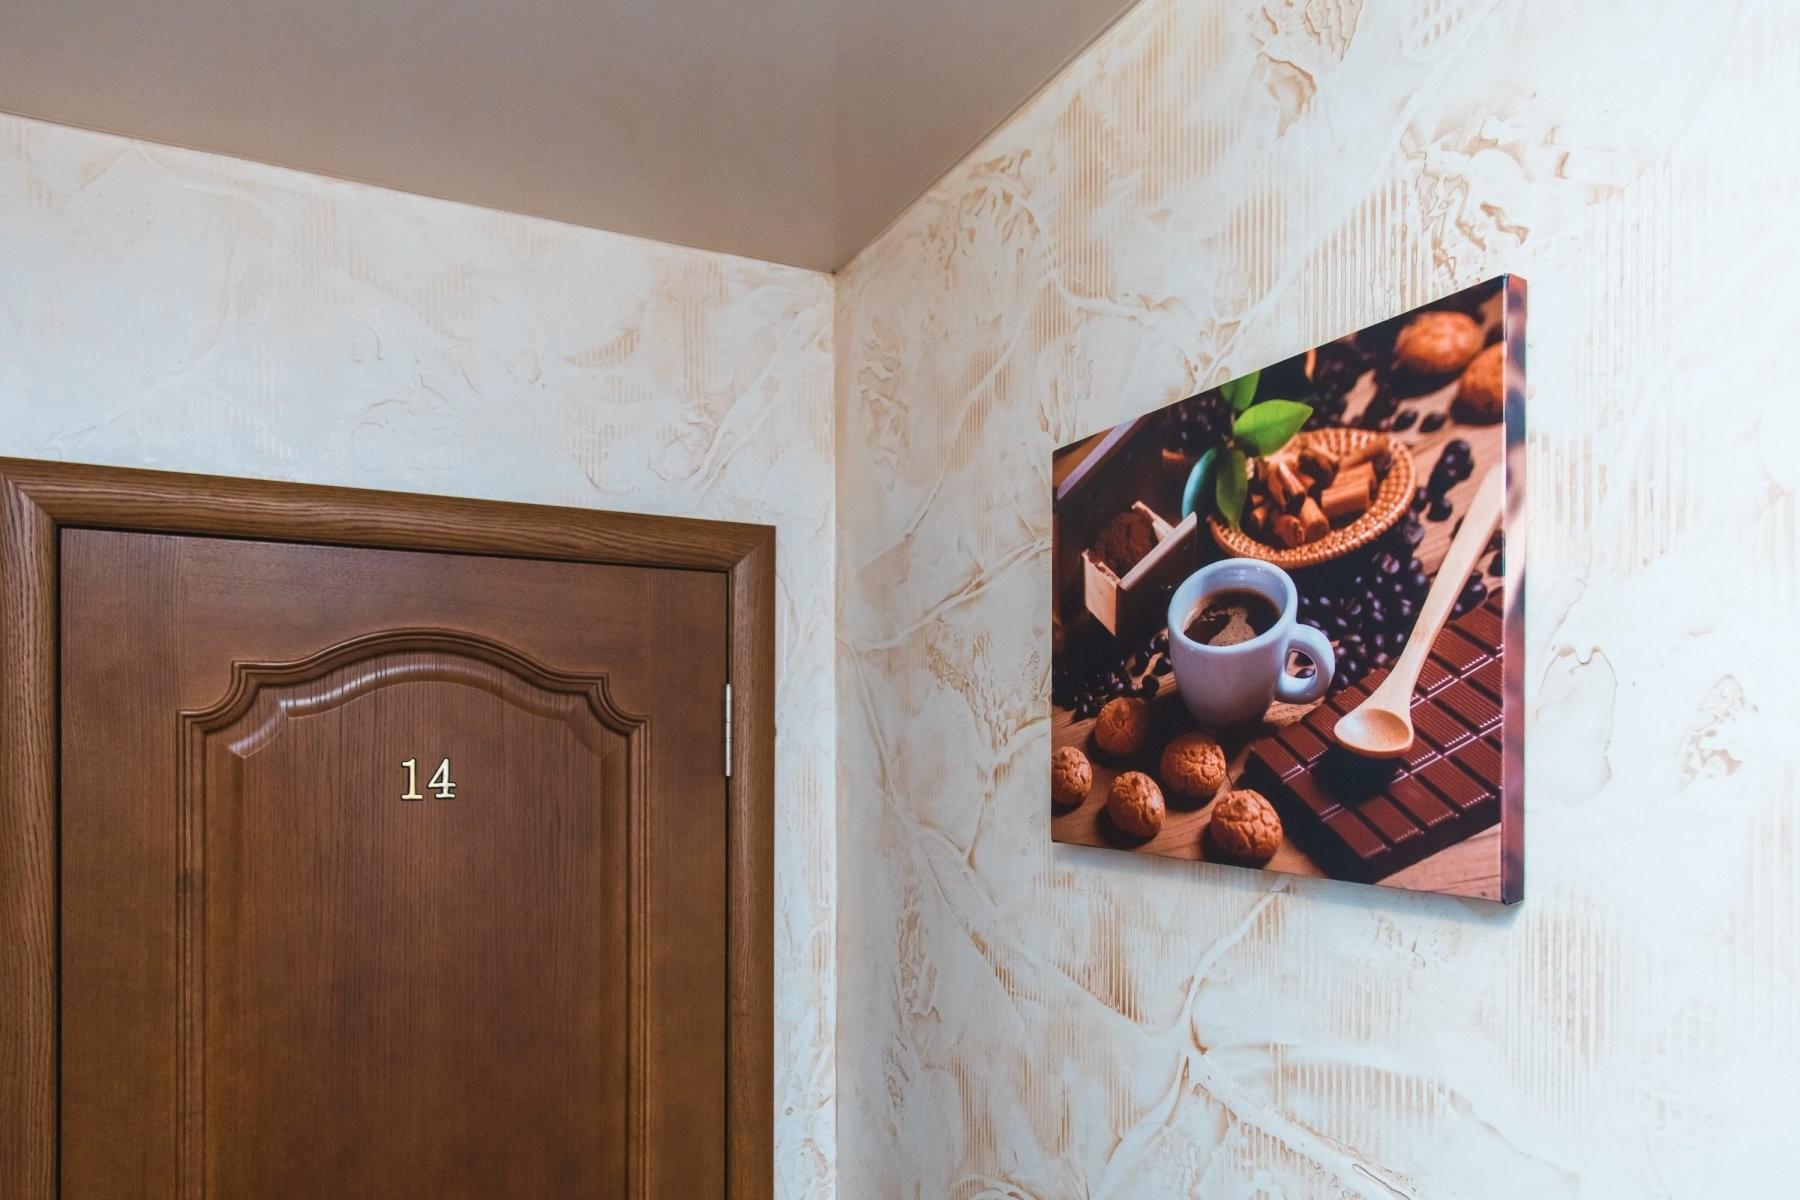 Шоколад, гостиничный комплекс - №14